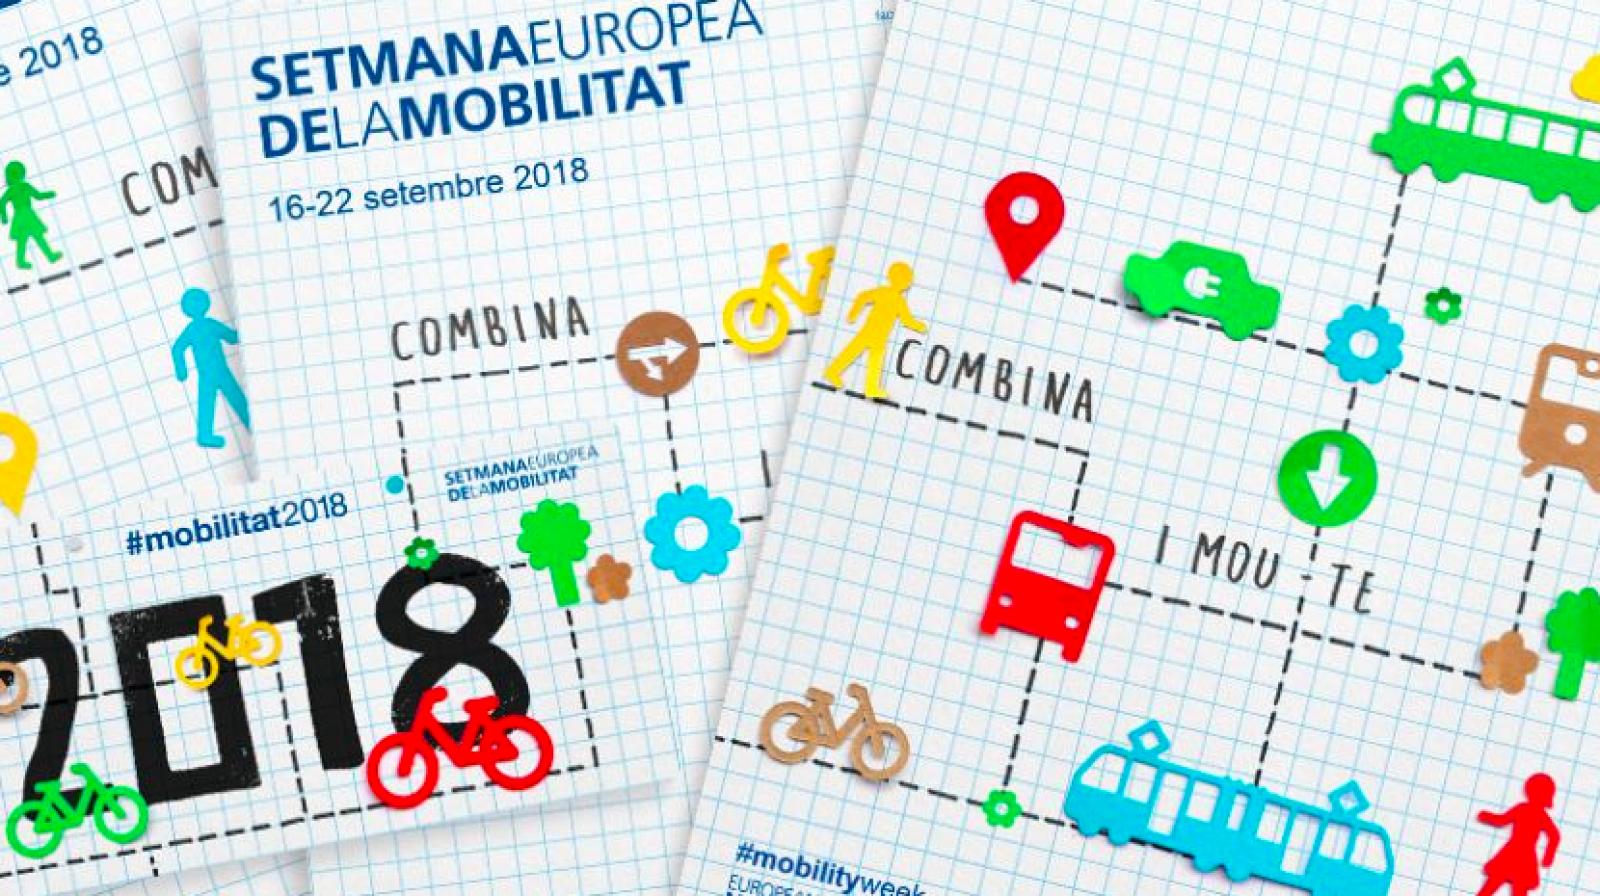 Setmana Europea de la Mobilitat 2018